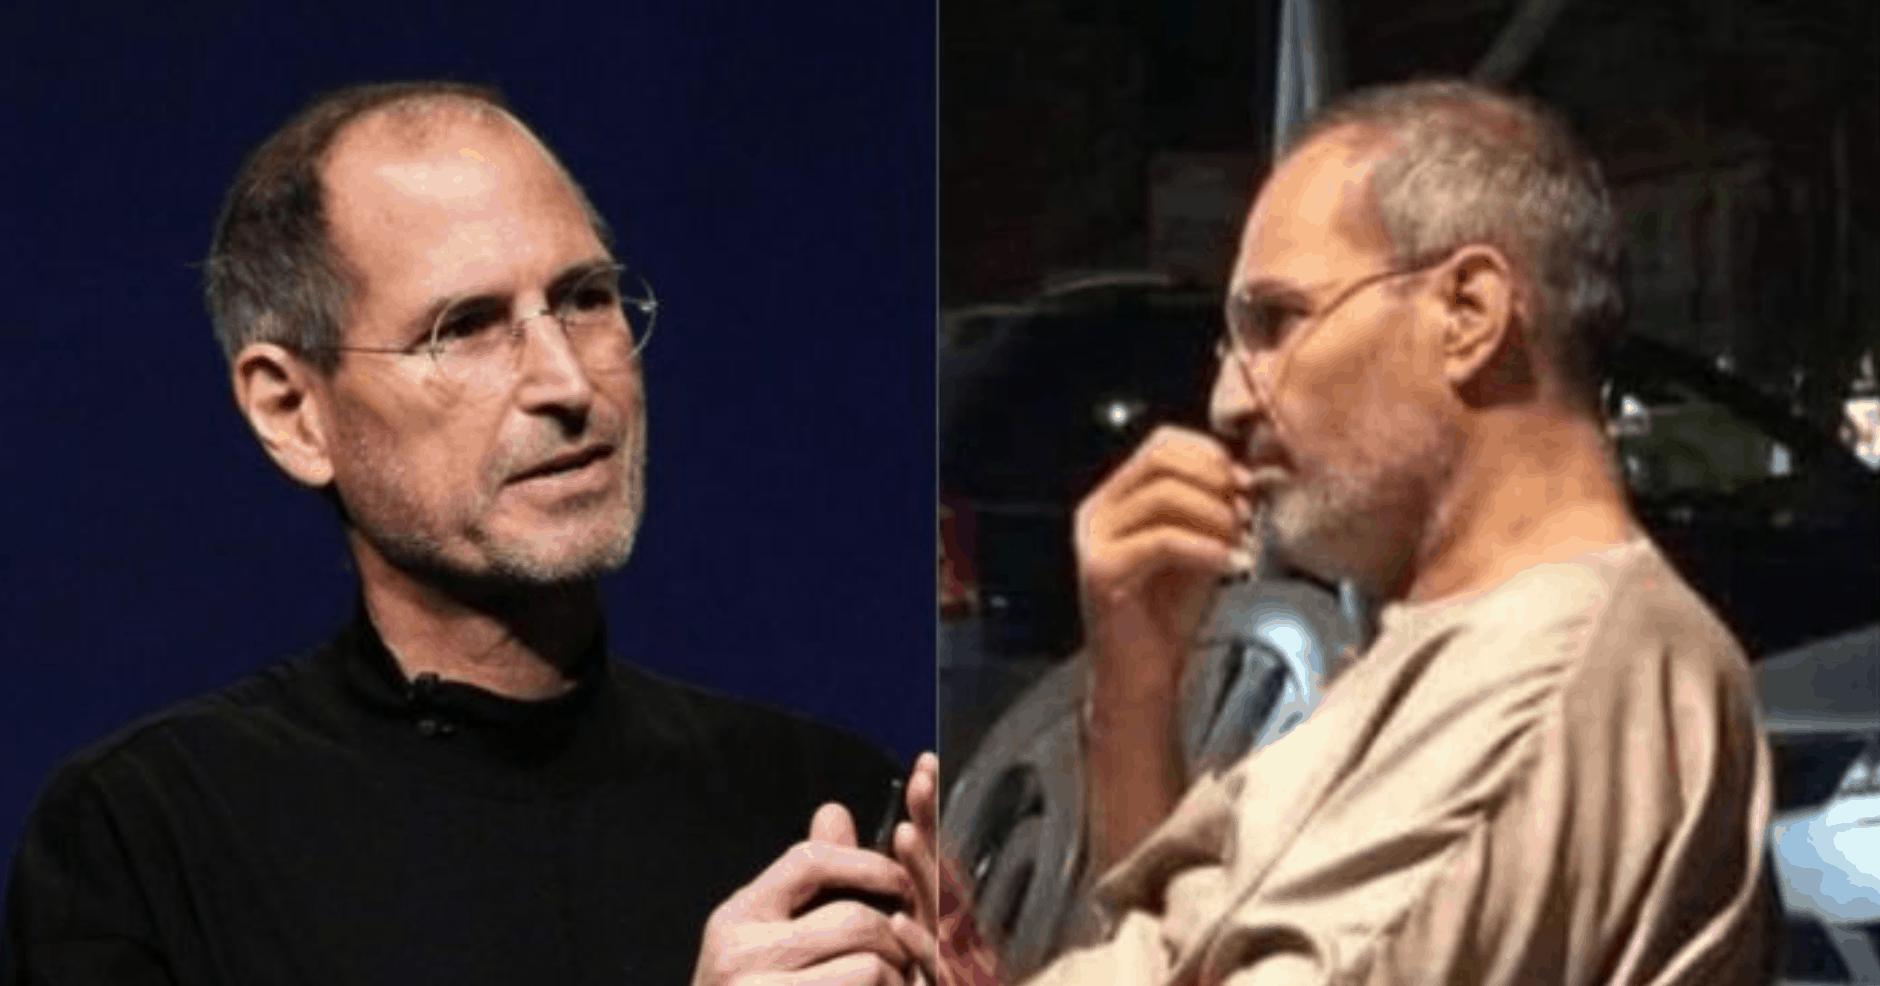 Steve Jobs in Egypt